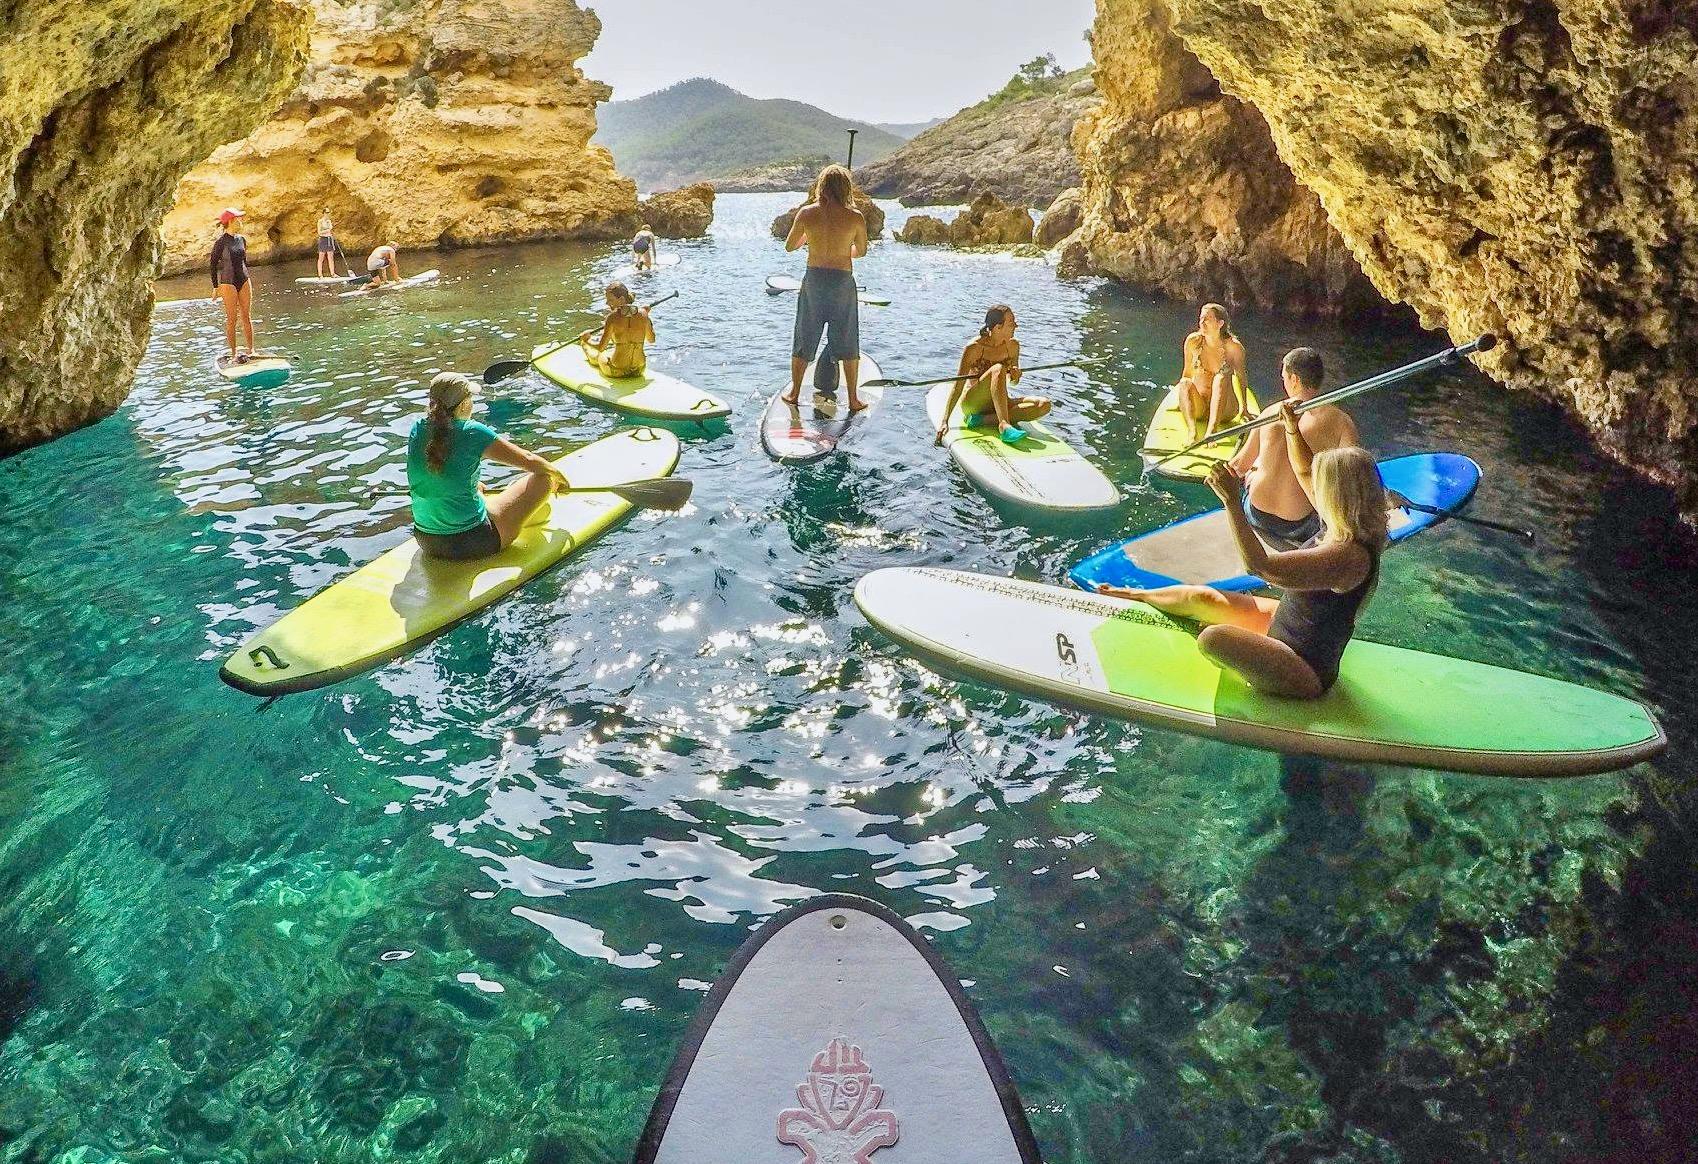 Un grupo con tablas SUP haciendo una pausa dentro de una hermosa cueva con agua cristalina debajo de ellos.